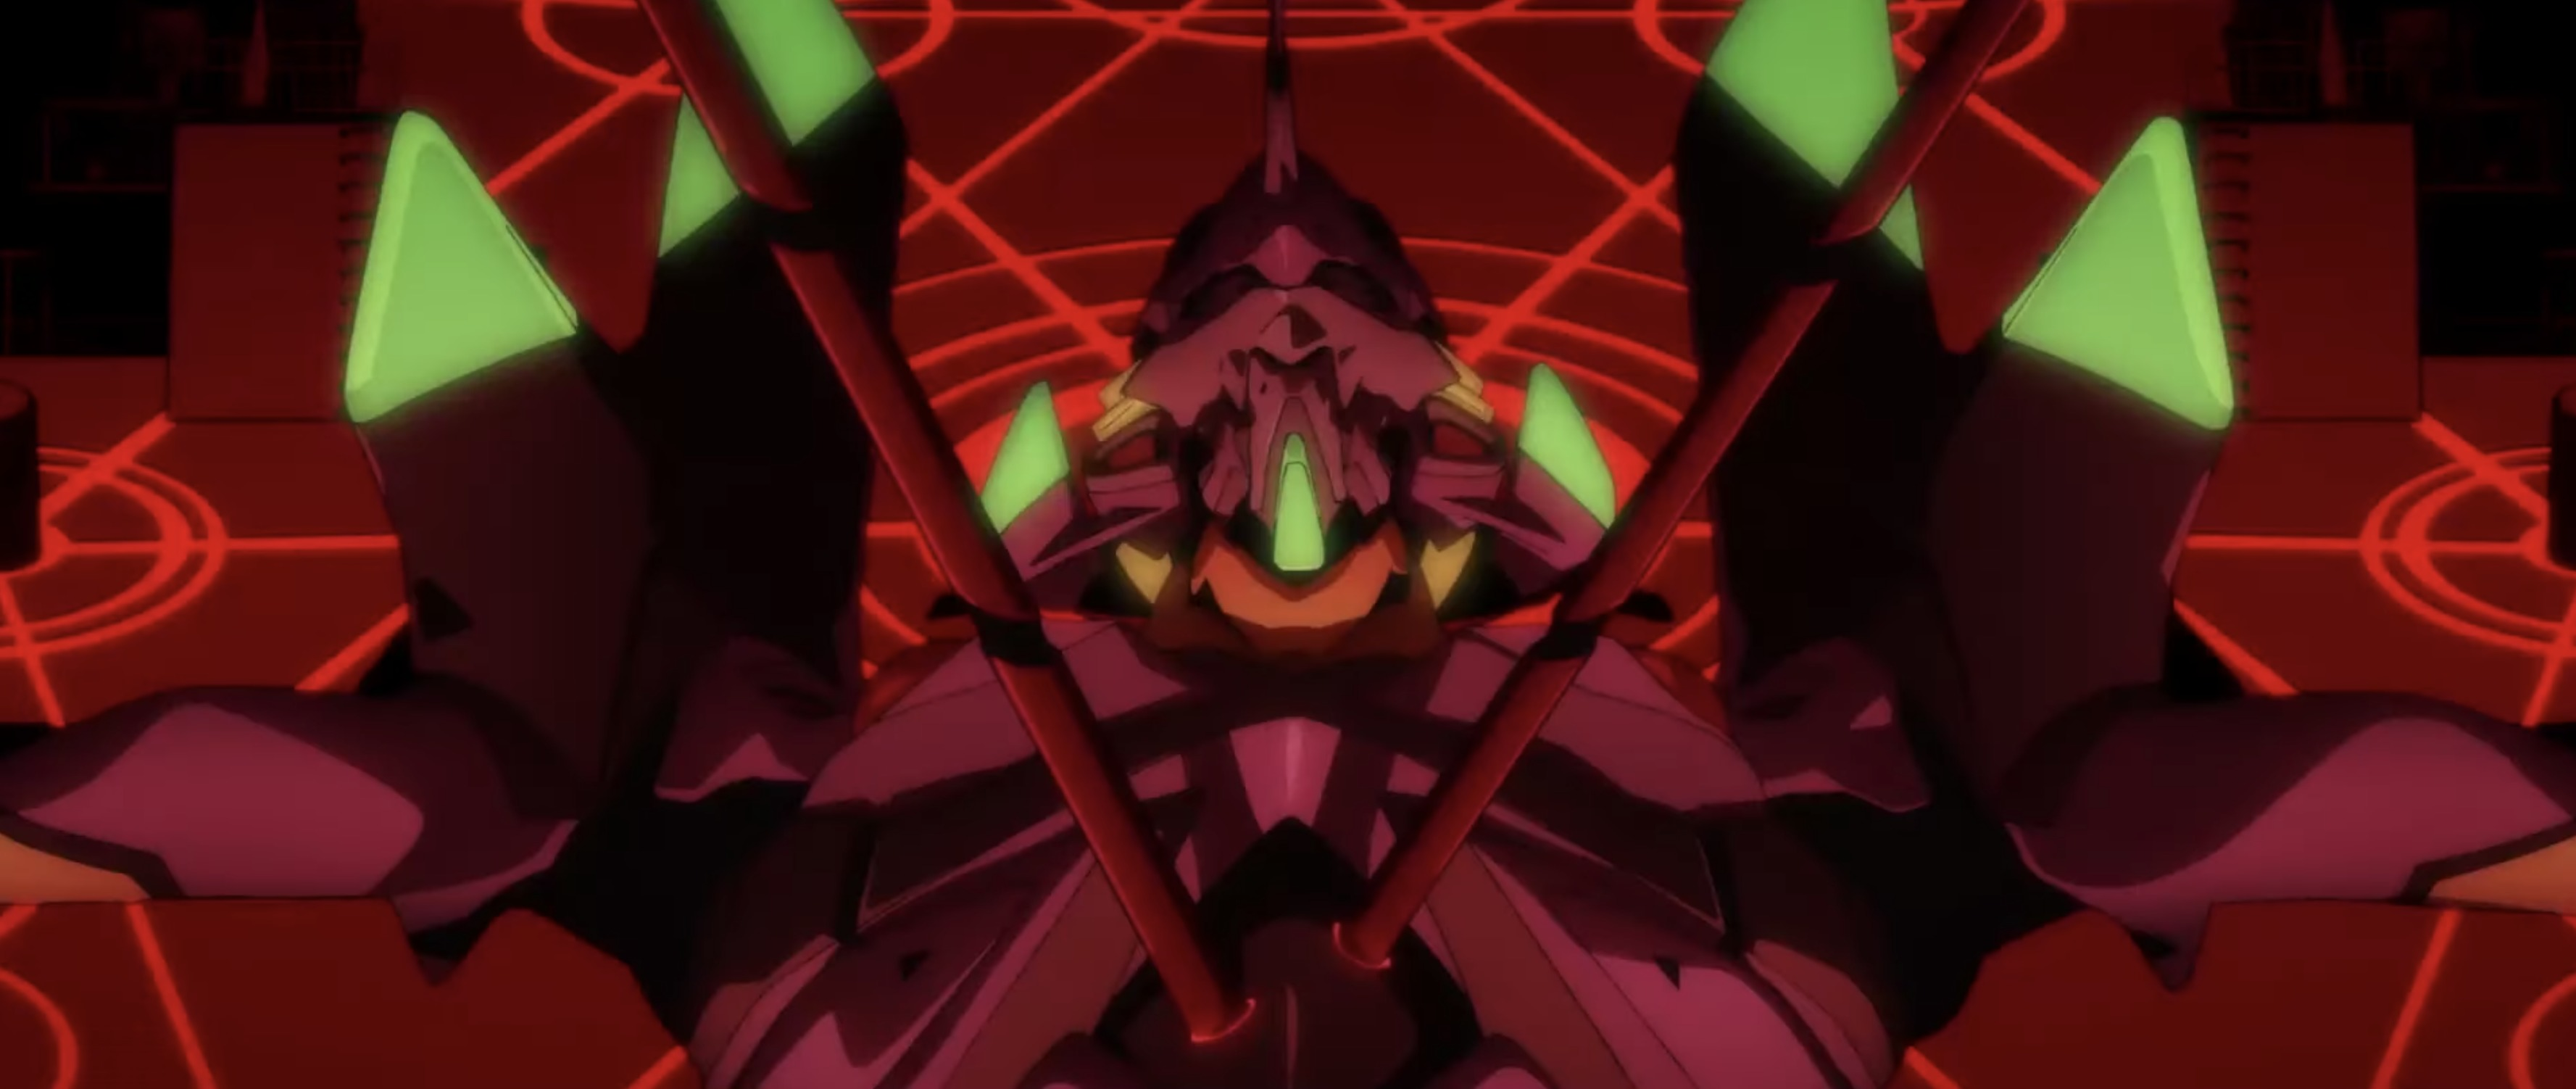 Oficial: Mira aquí el teaser trailer de Evangelion 3.0 + 1.0